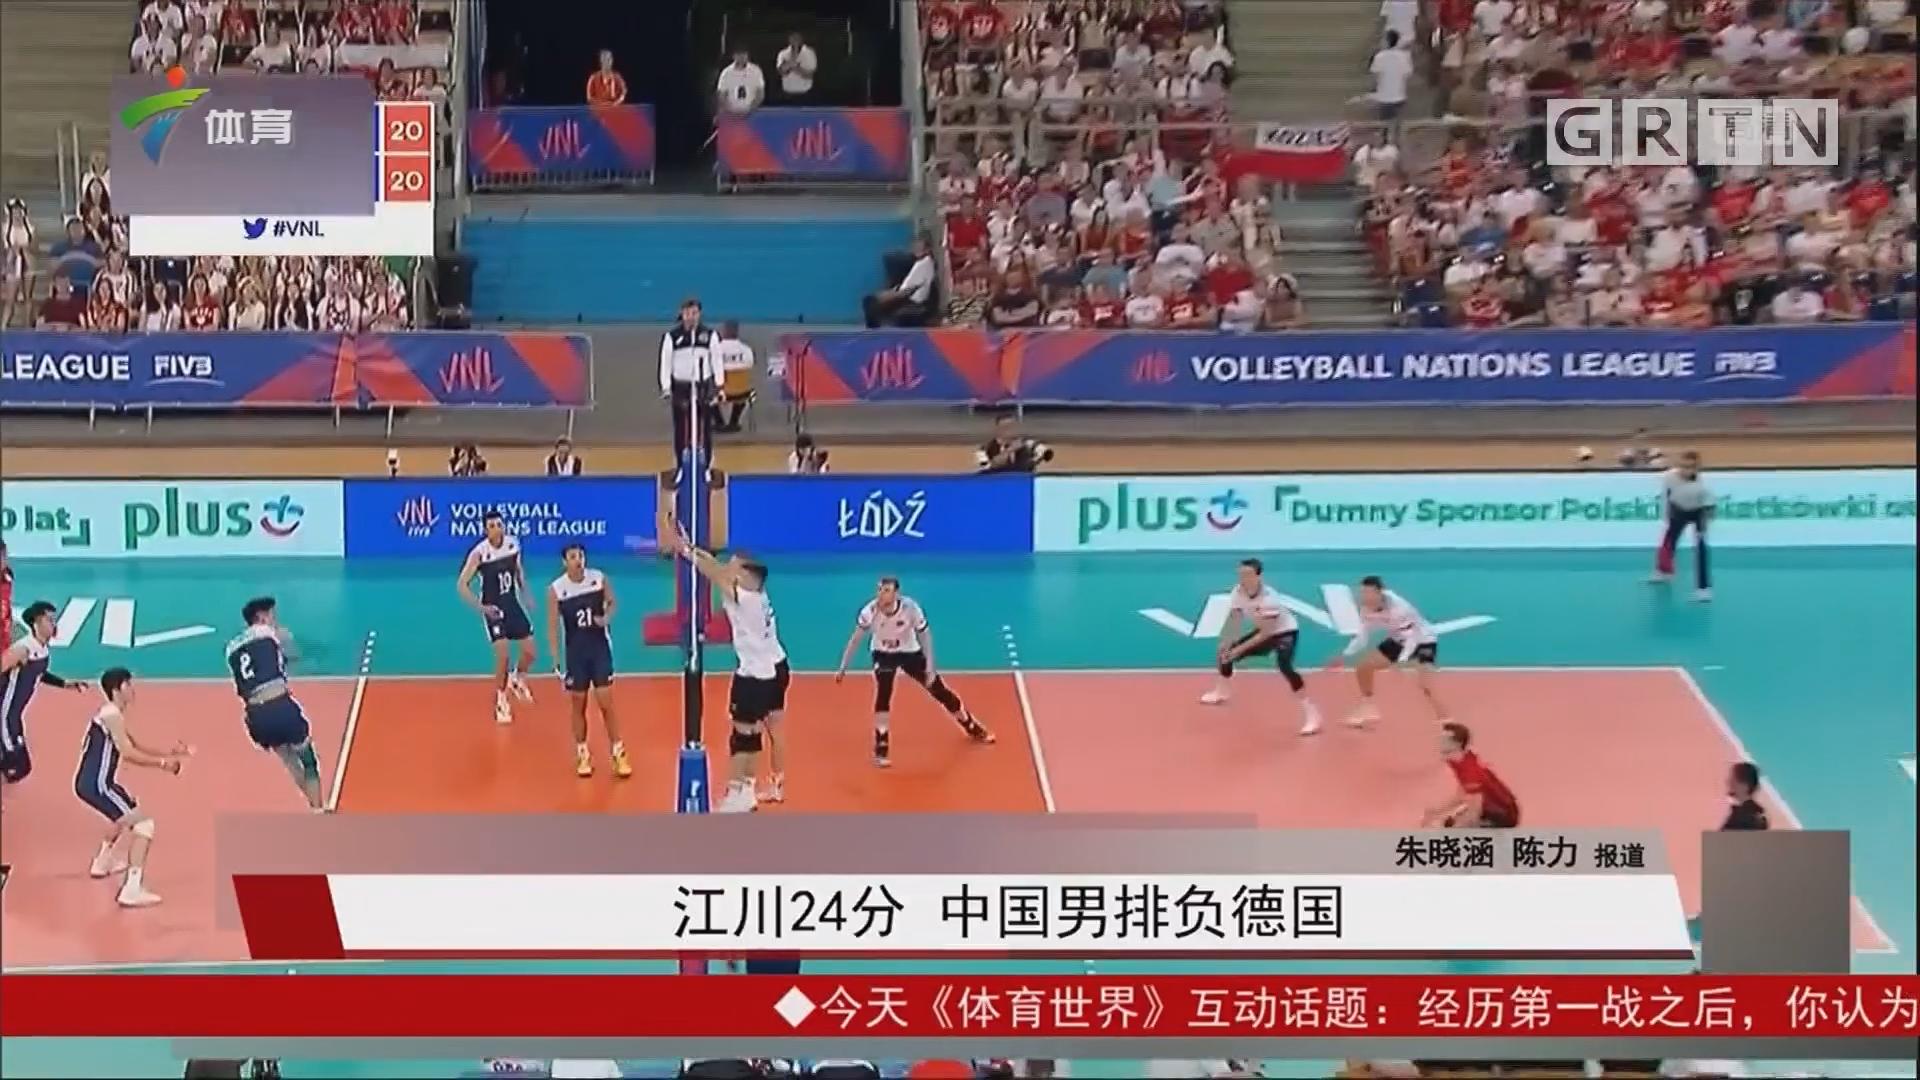 江川24分 中国男排负德国